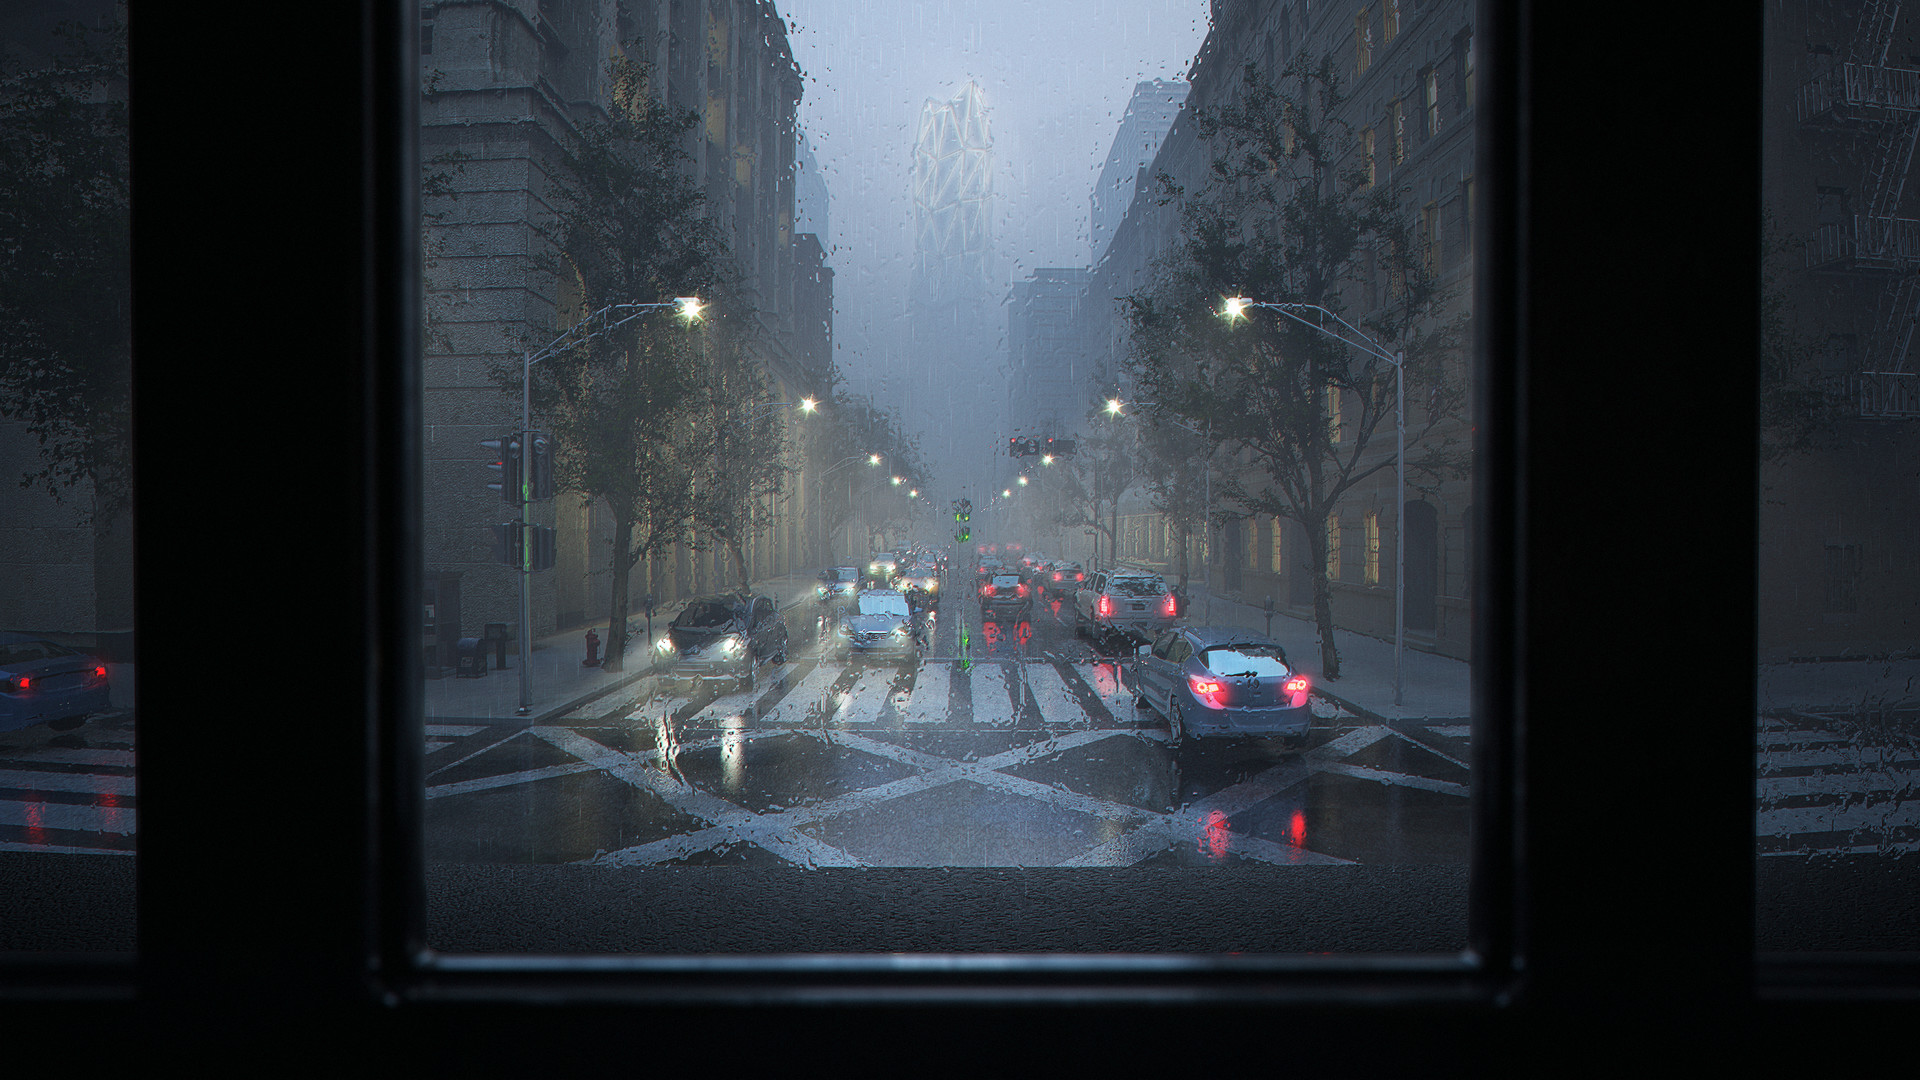 General 1920x1080 digital art street rain